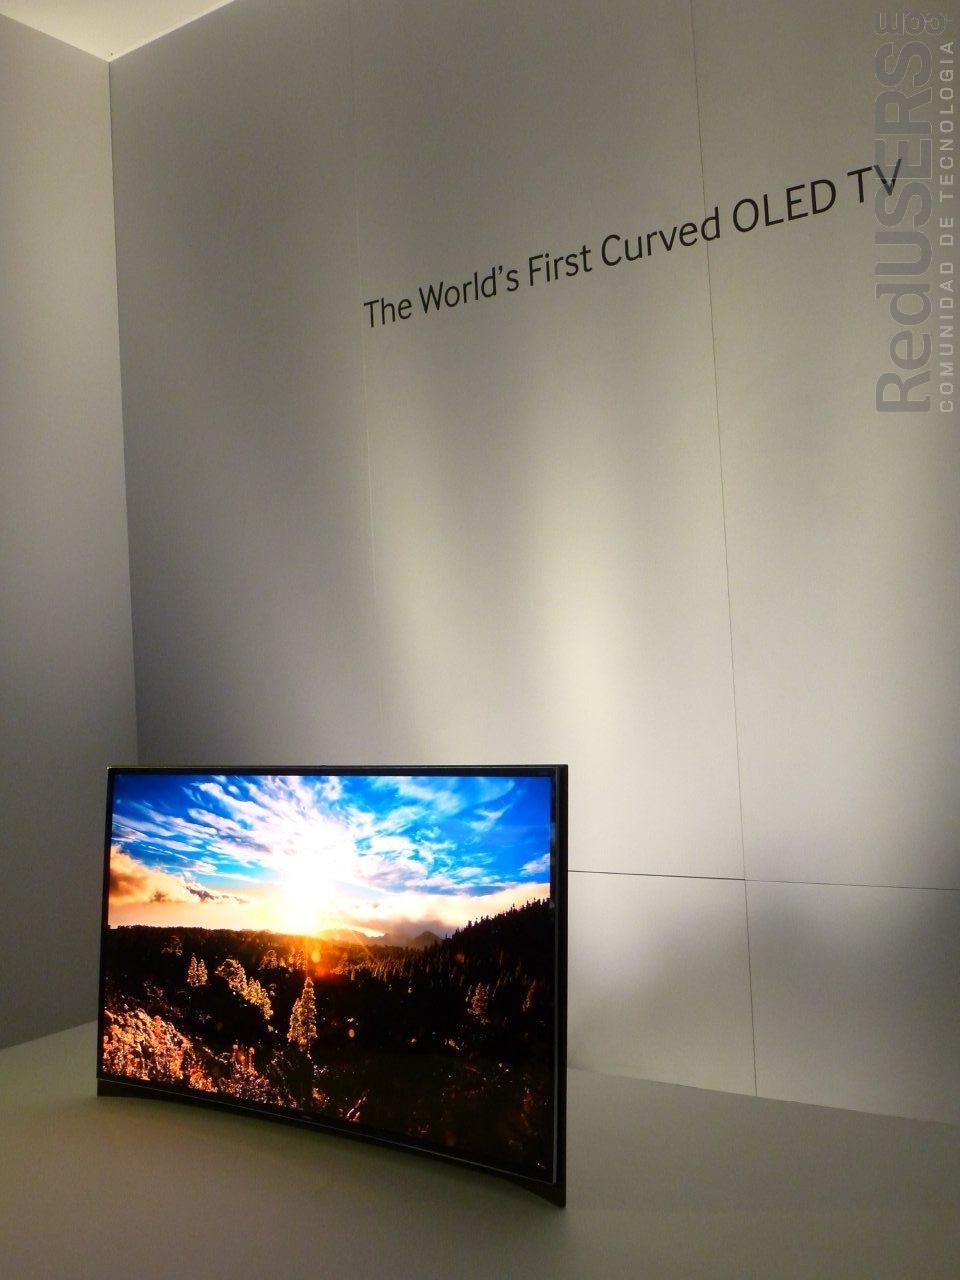 Una de los prototipos presentados en la feria: La primera TV OLED curva